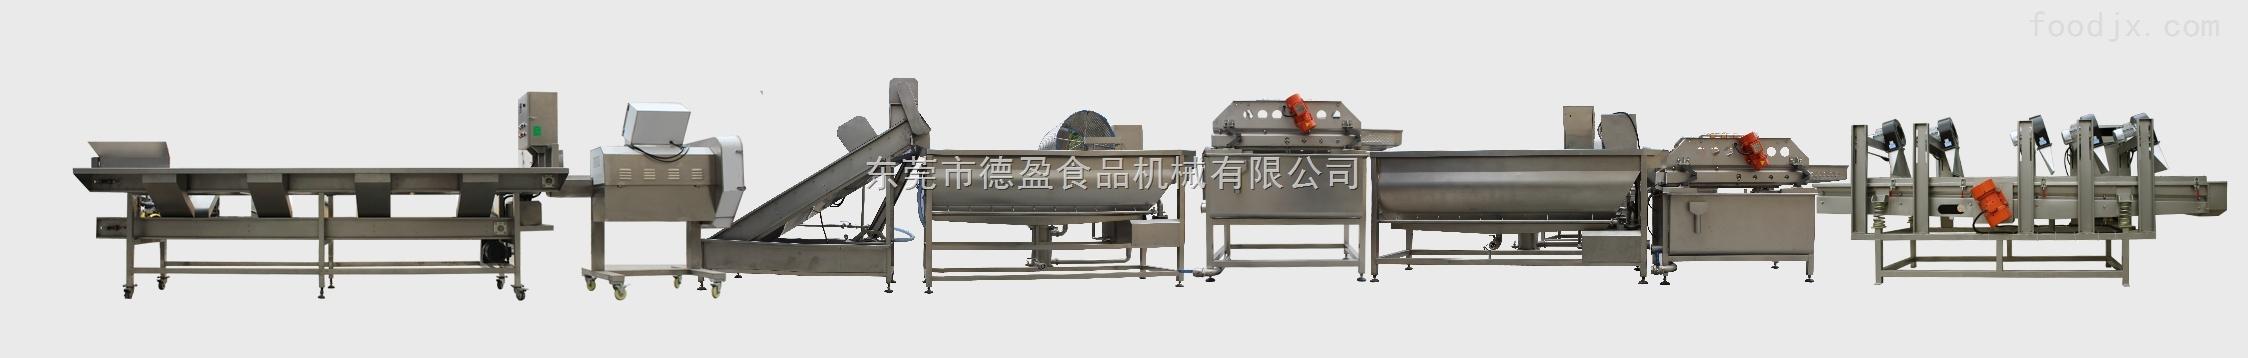 DY-L1-德盈大白菜加工生产线